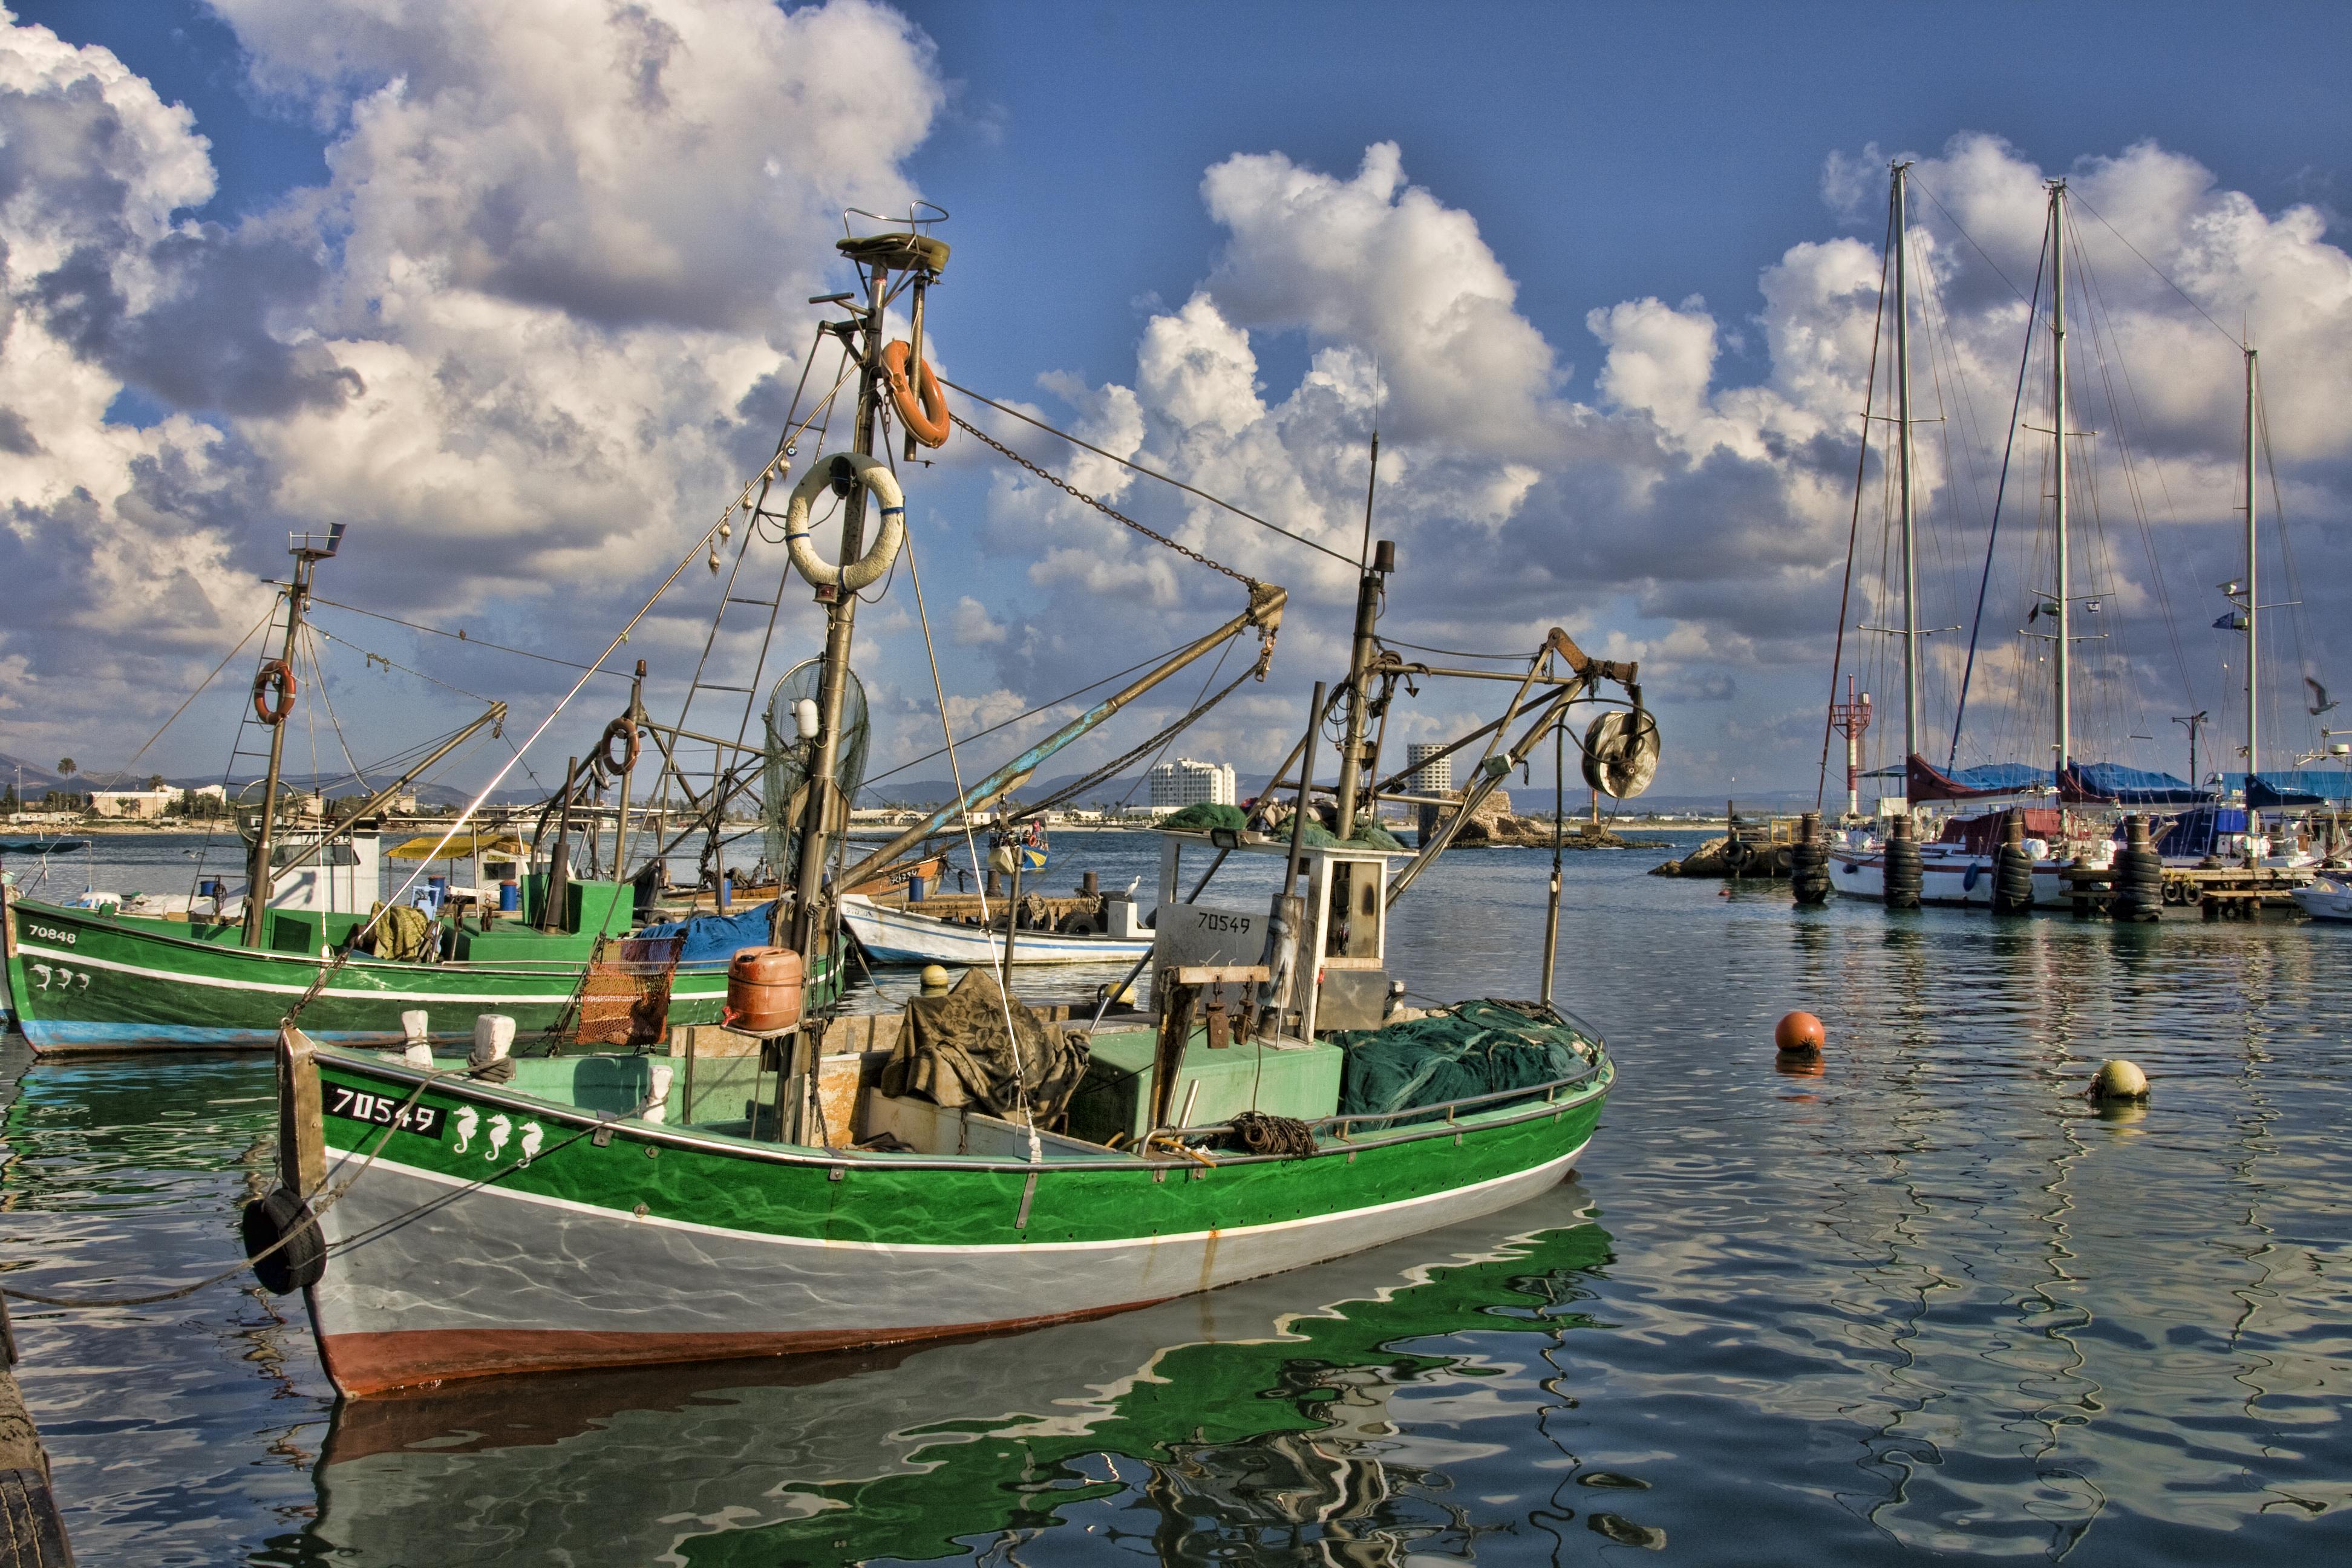 מודיעין כלי שיט לדיג – ויקיפדיה WC-74